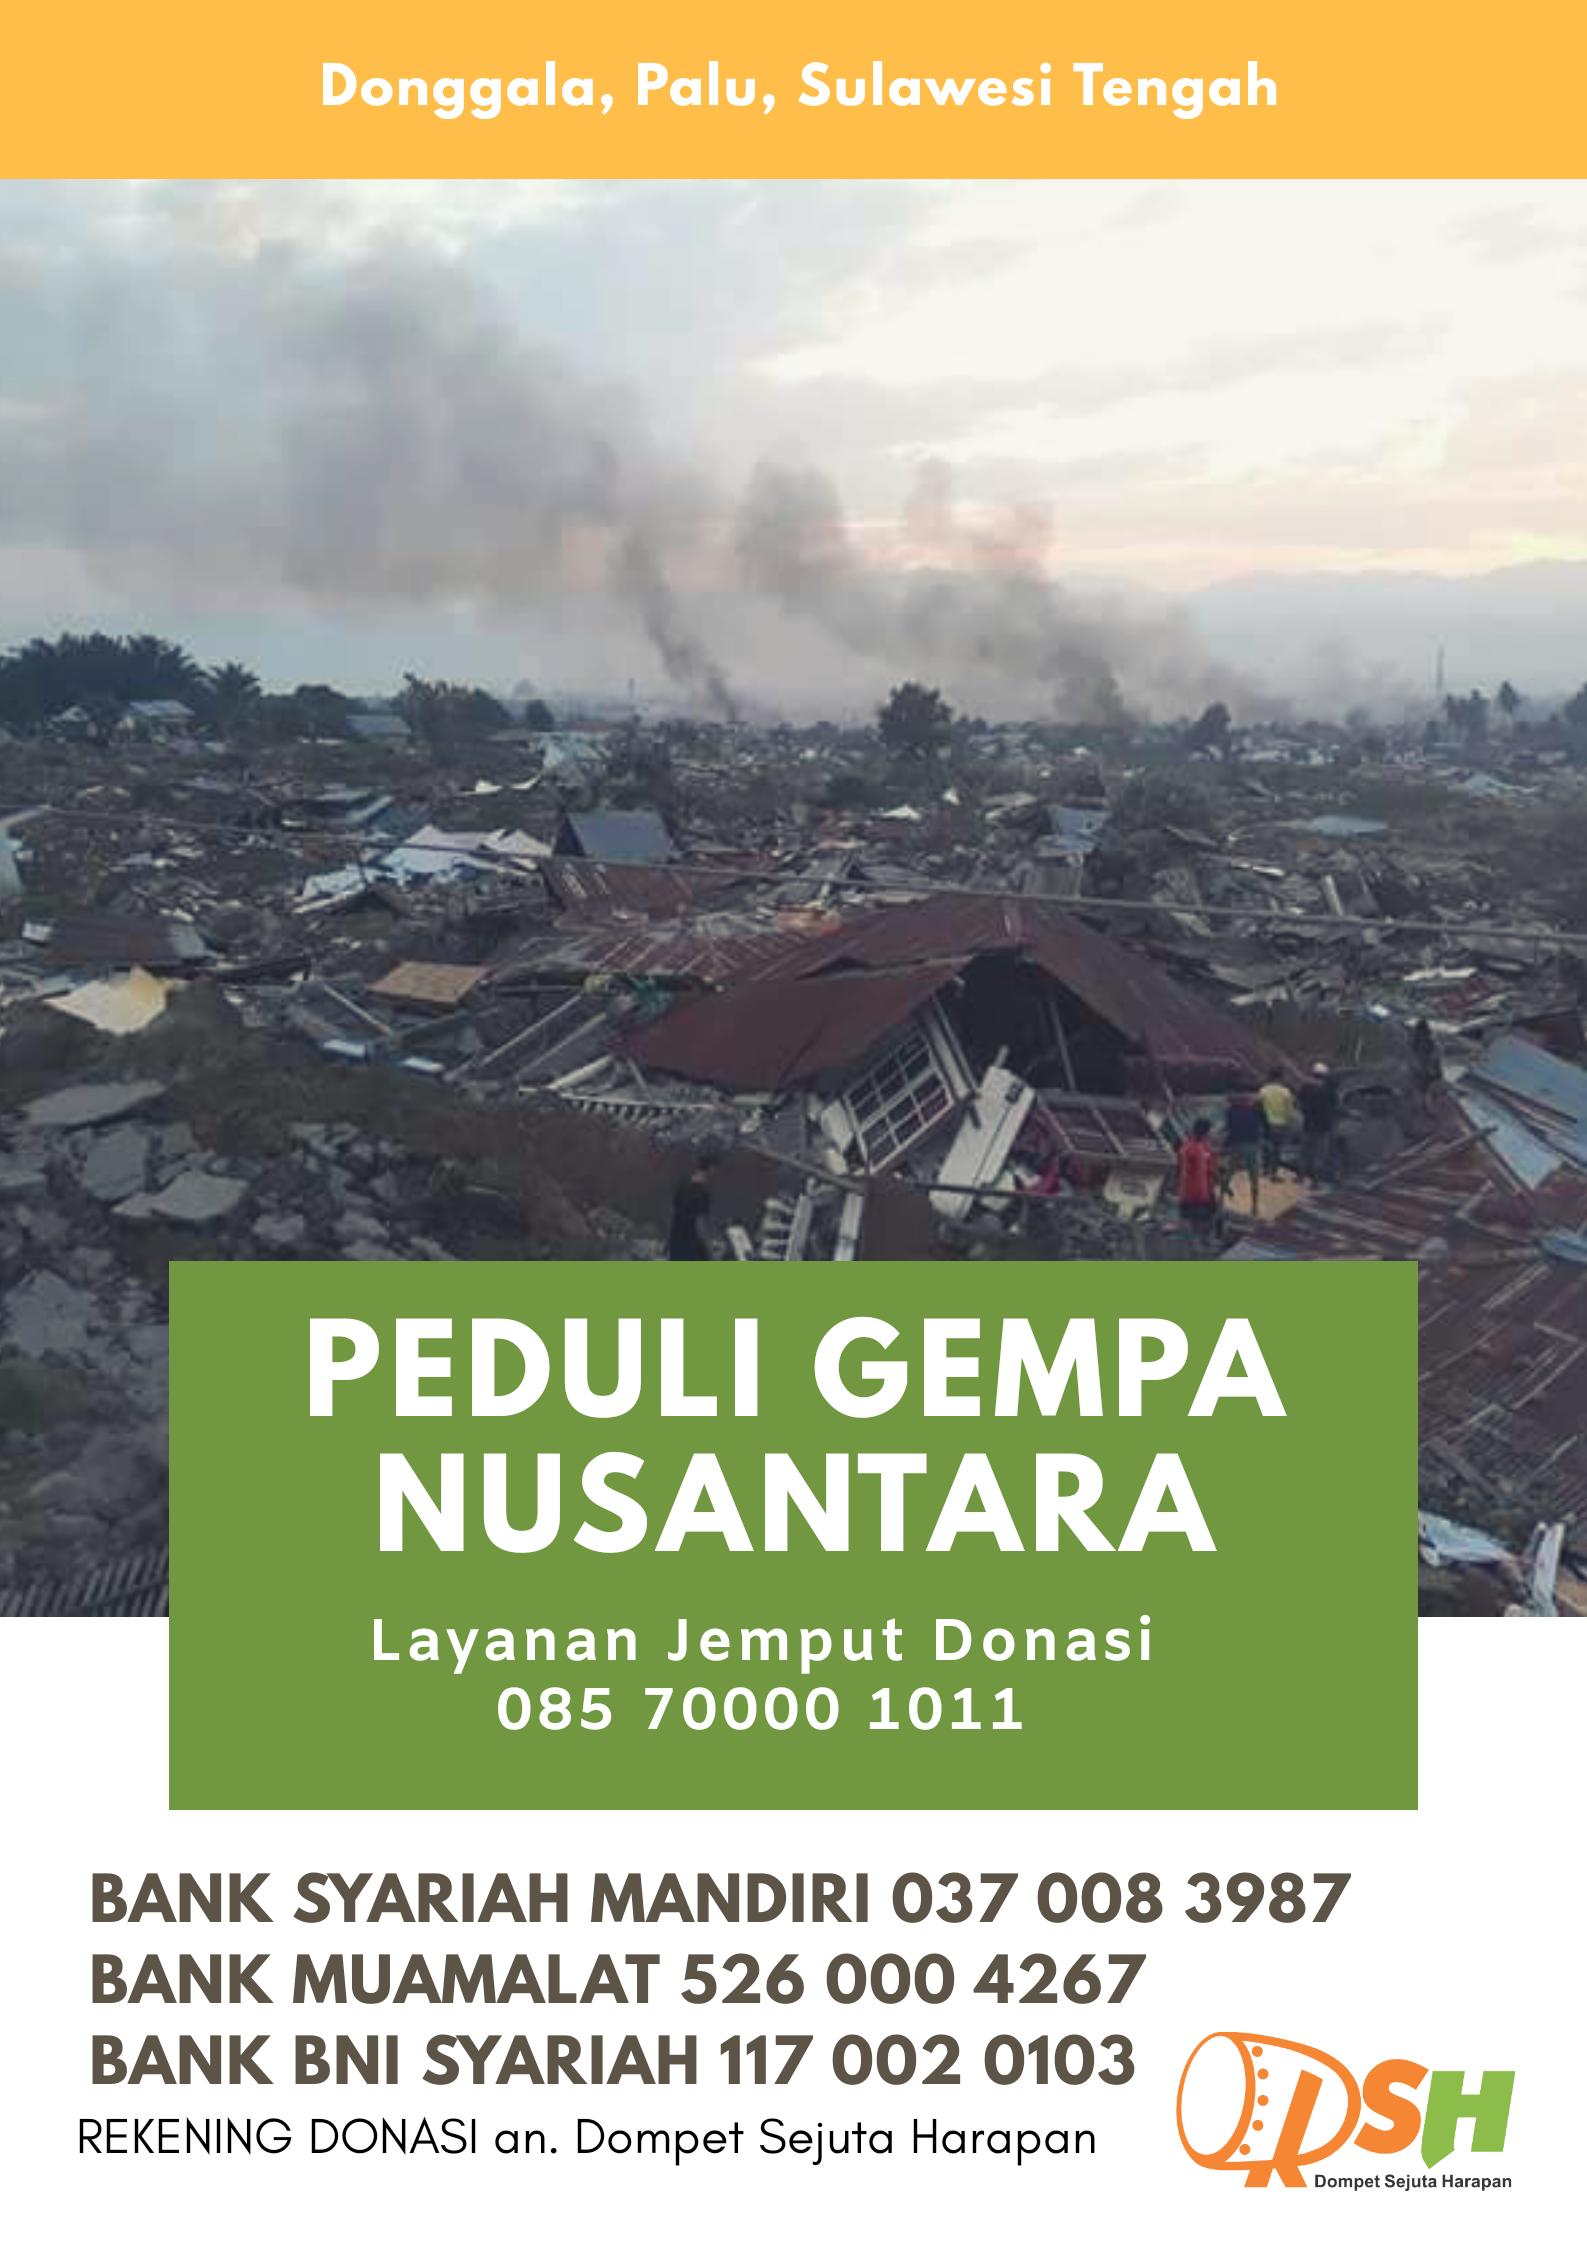 Update Situasi Terkini Pacsa Gempa Tsunami di Palu & Donggala